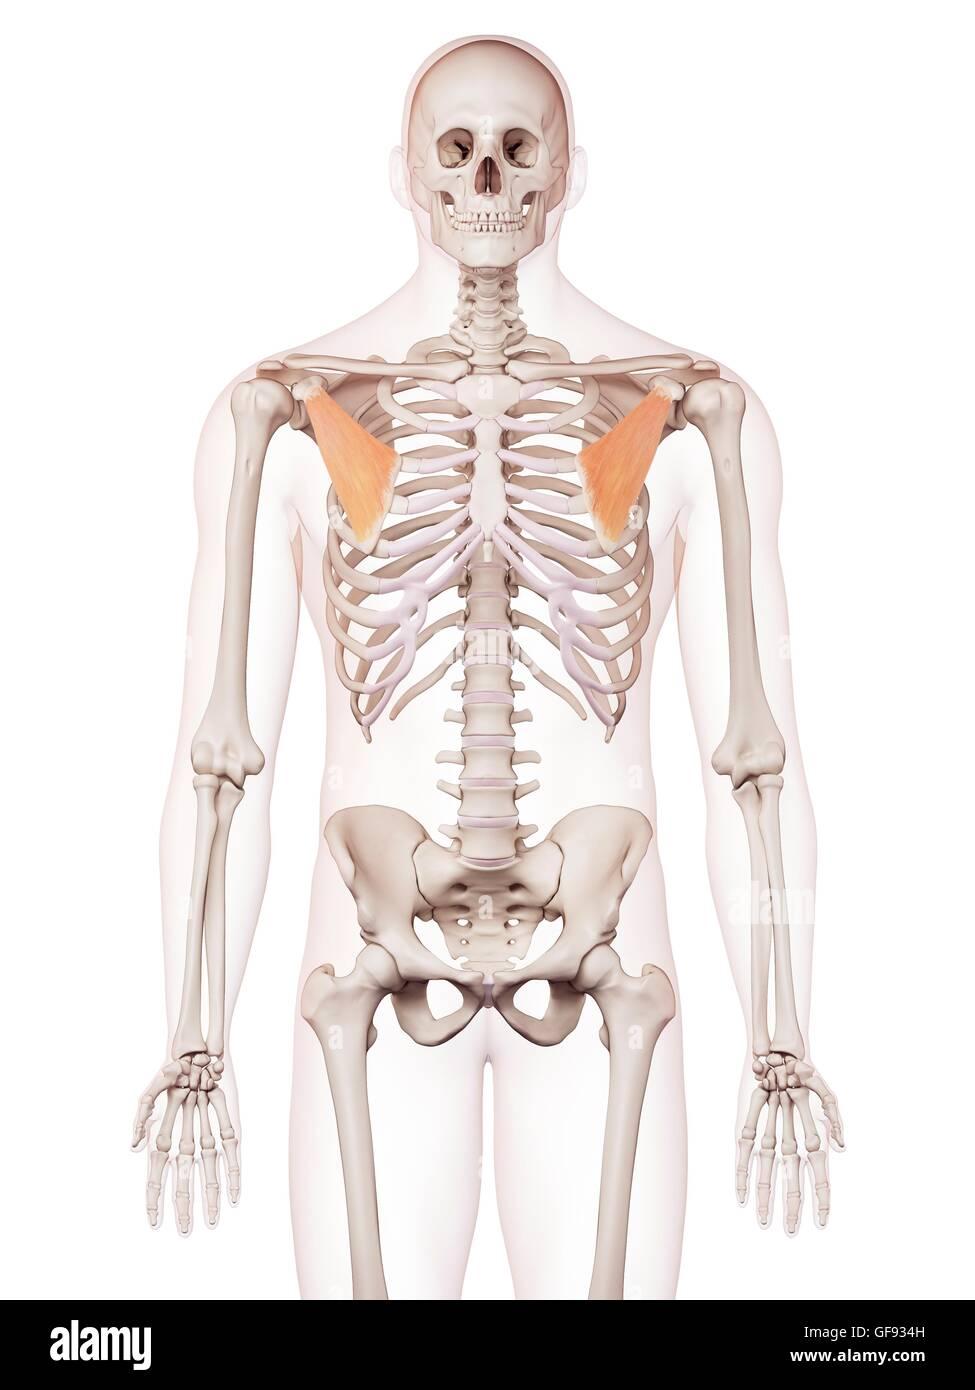 Erfreut Brustmuskel Anatomie Diagramm Fotos - Anatomie Ideen ...